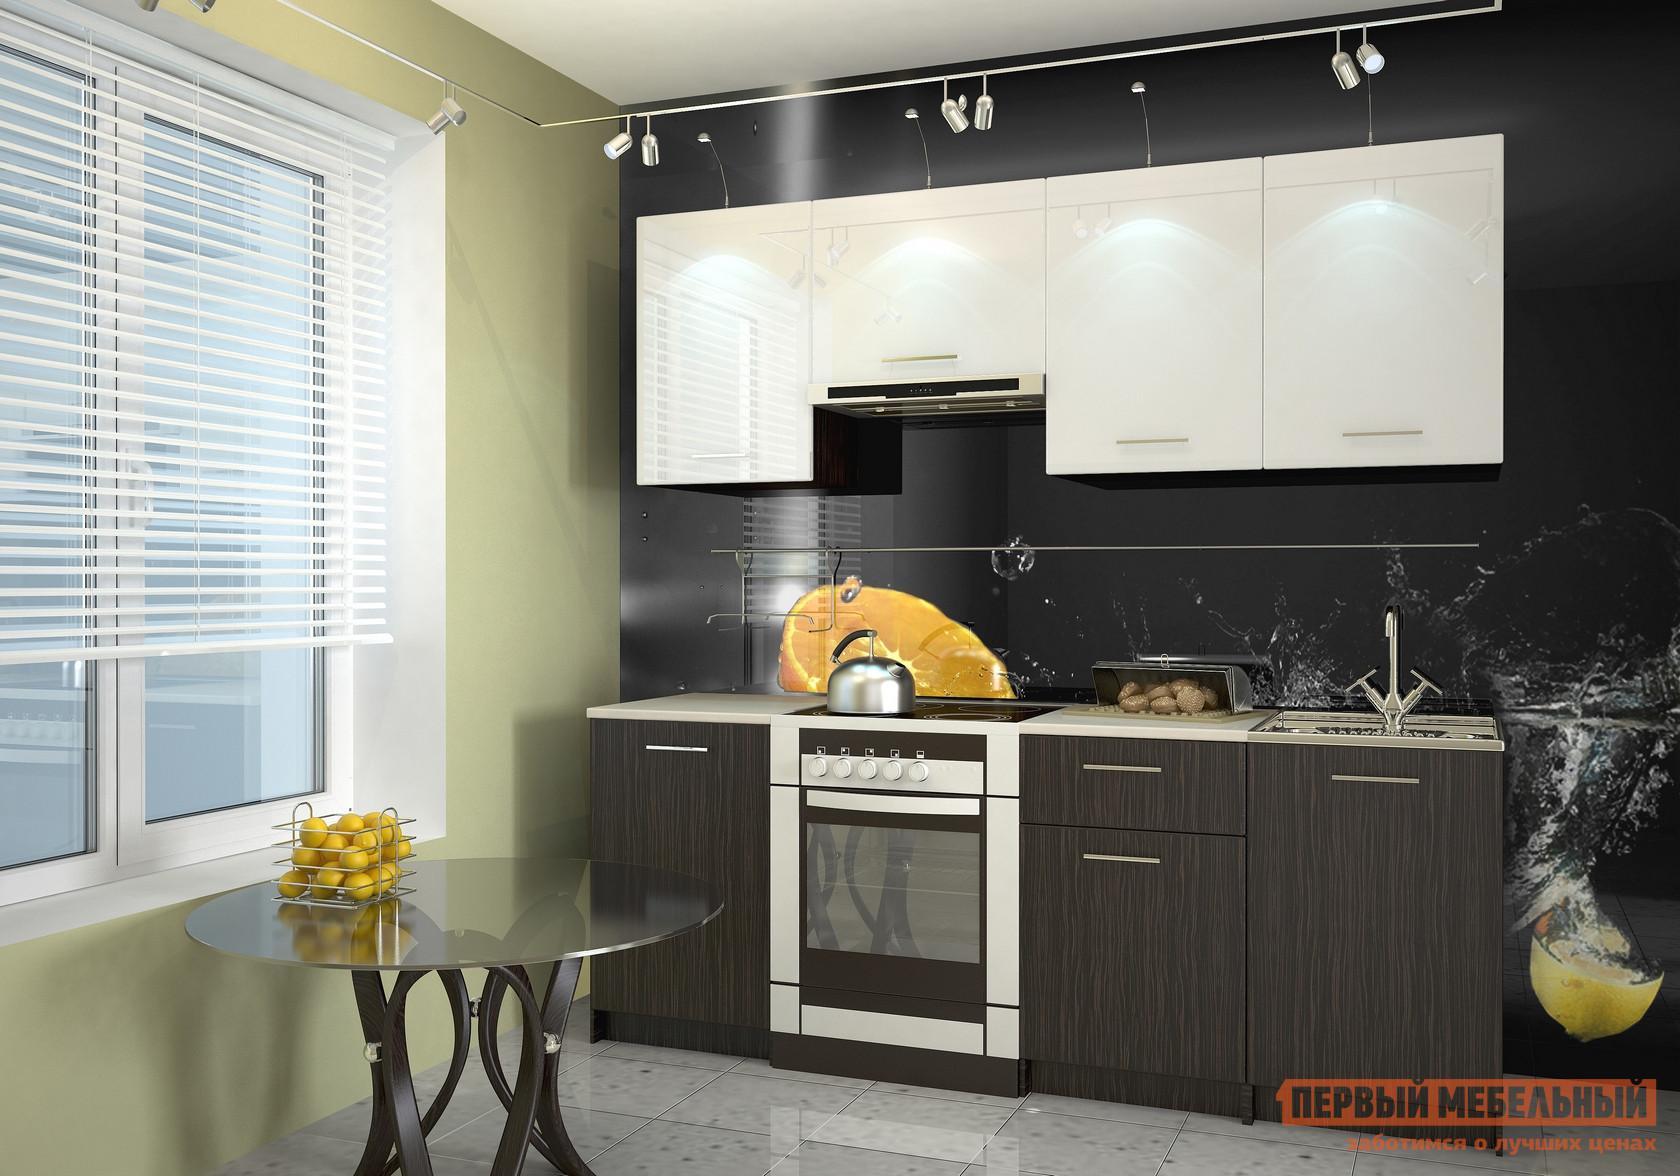 Кухонный гарнитур НК-Мебель Дальма 210 см сурская мебель кухонный гарнитур настя 11